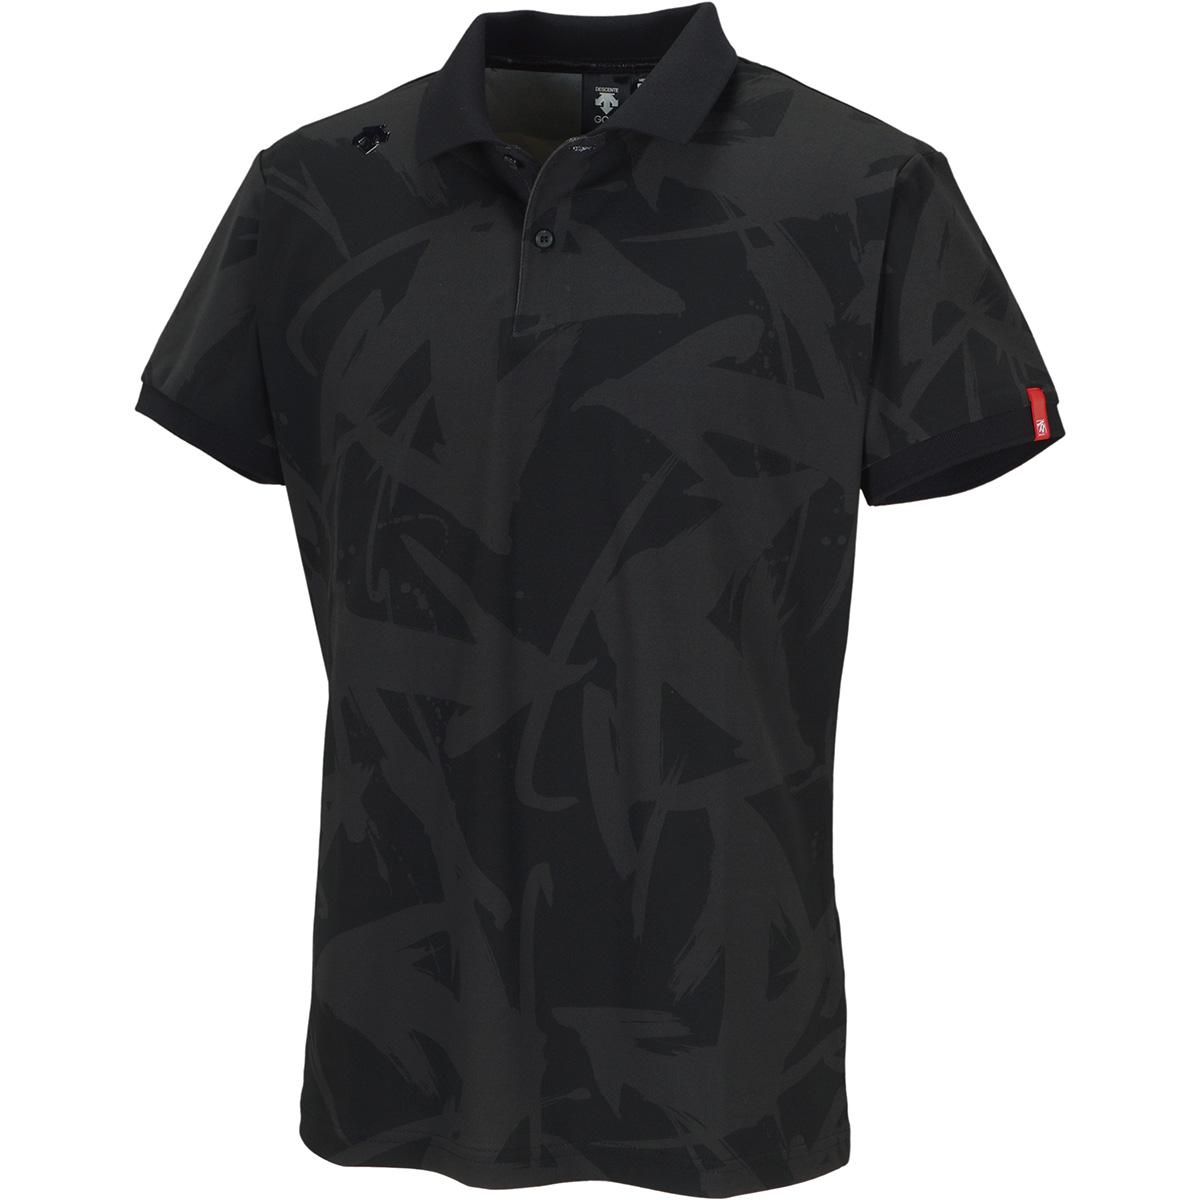 万美collection ストレッチ ソロテックス鹿の子パネルプリント 半袖ポロシャツ